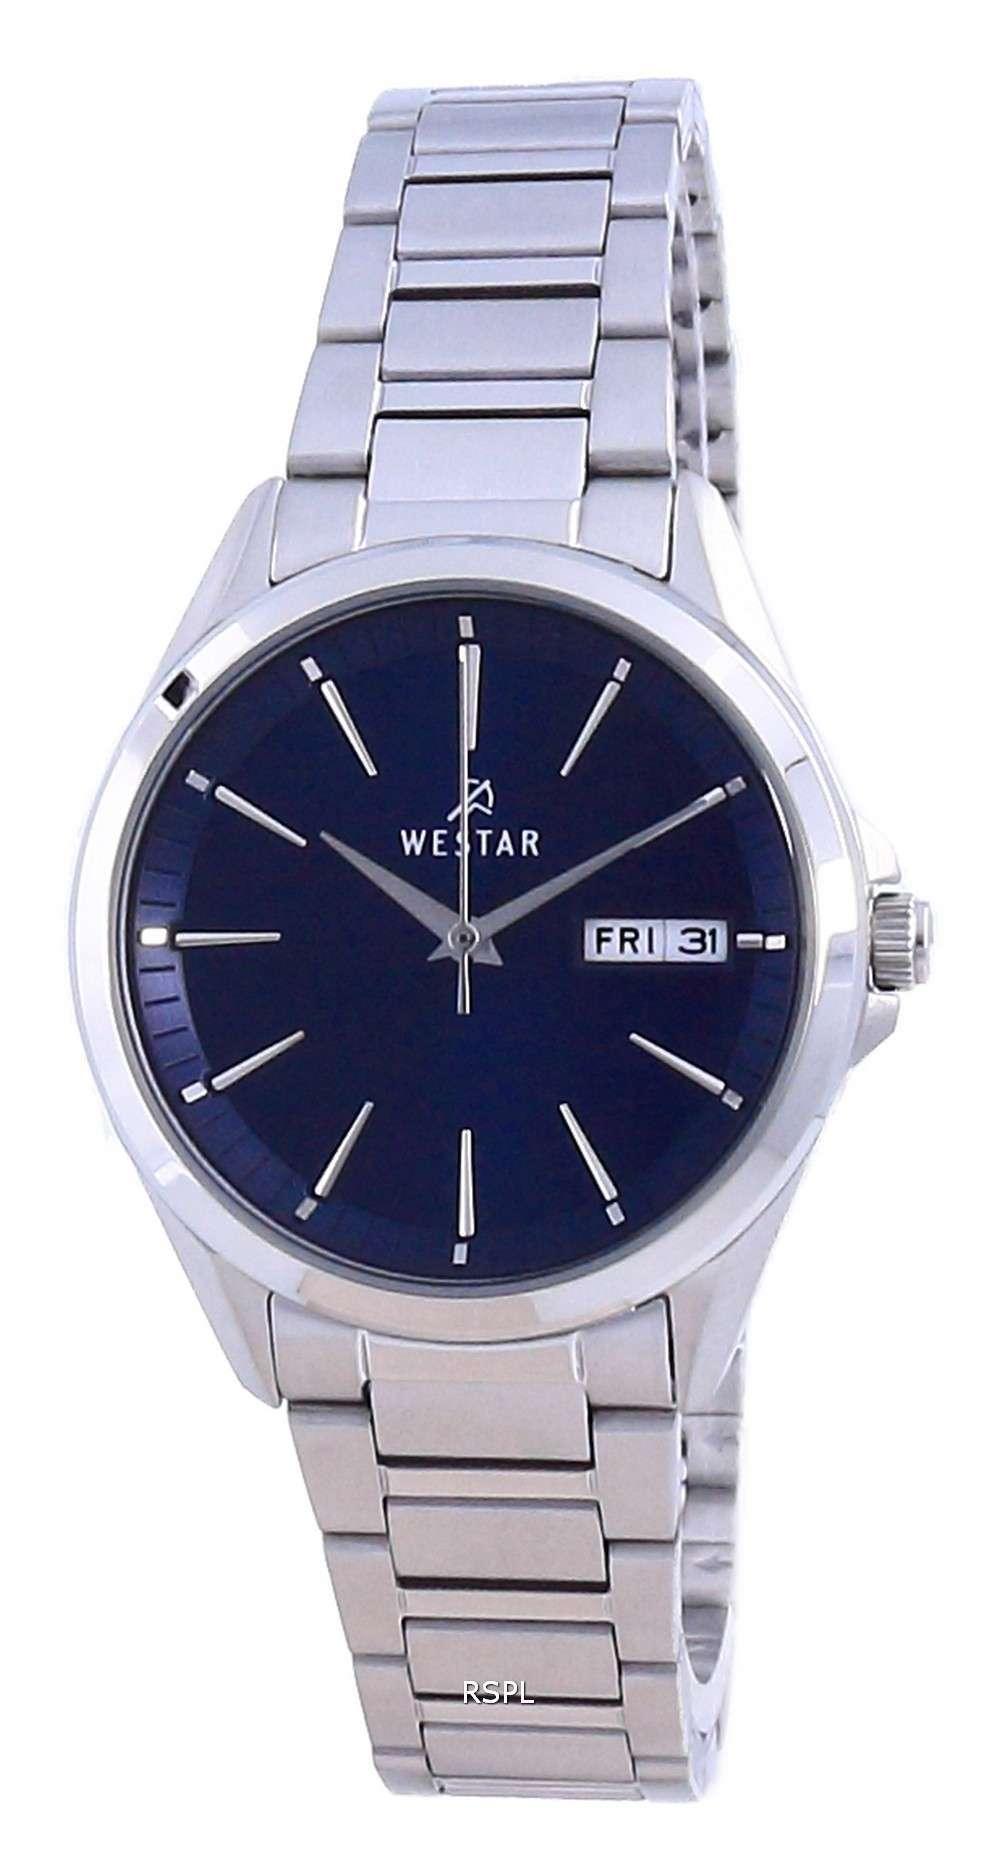 Westar esfera azul acero inoxidable cuarzo 40212 STN 104 reloj para mujer